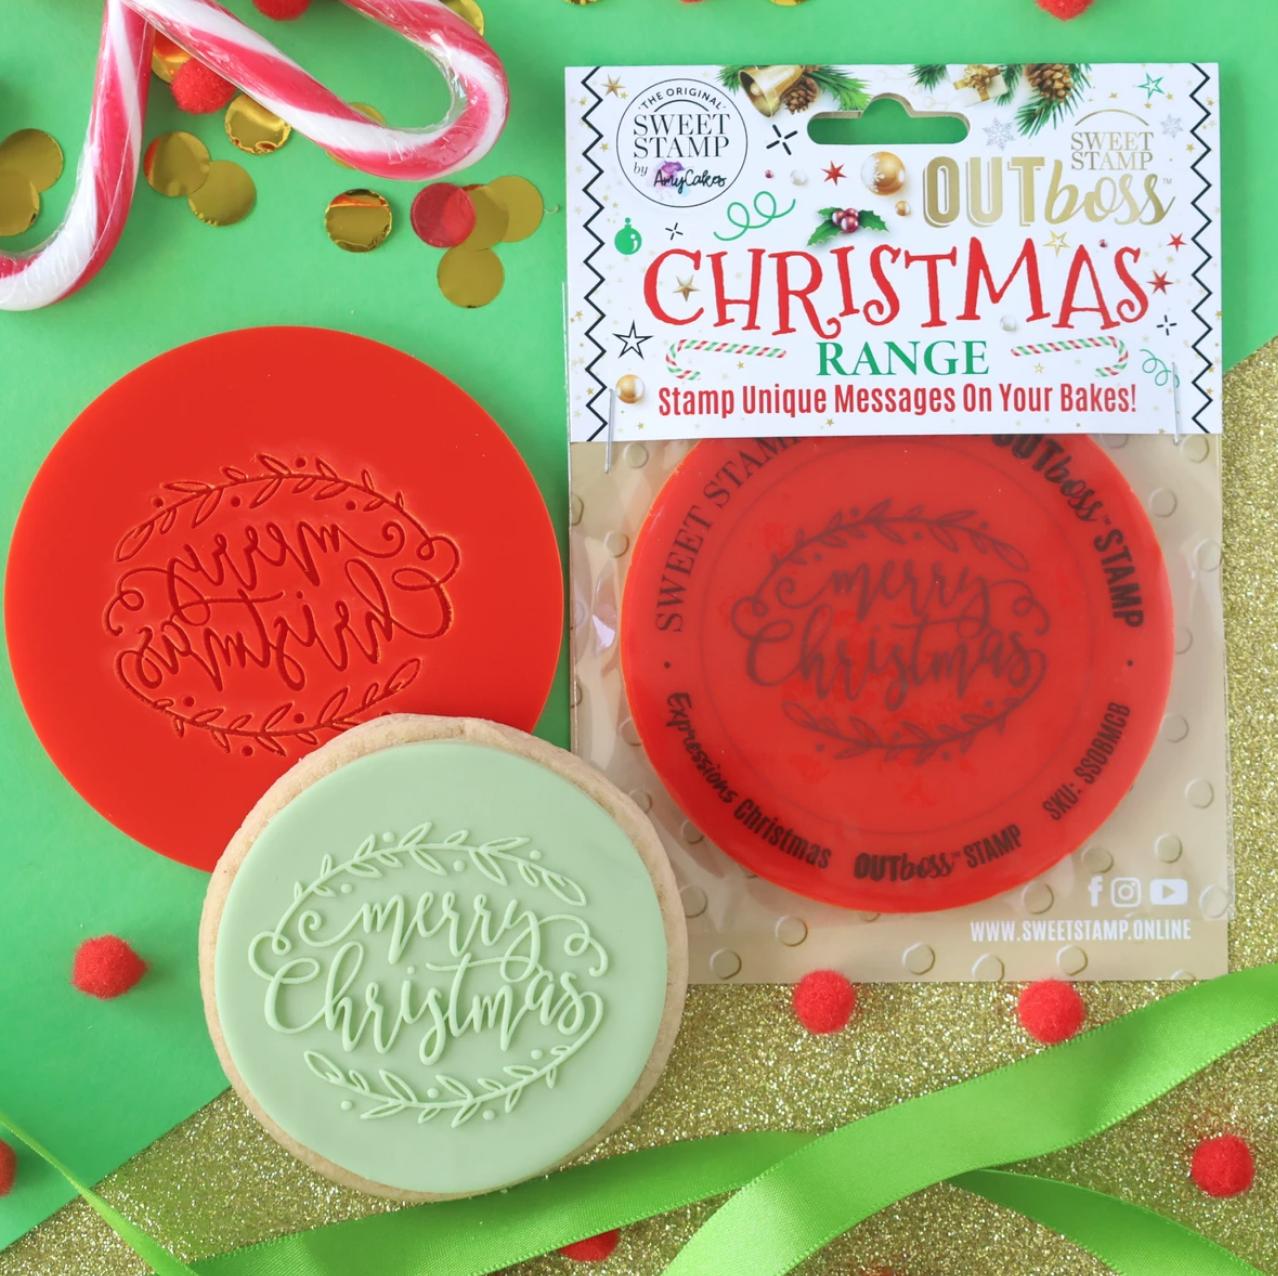 OUTBOSS CHRISTMAS - MERRY CHRISTMAS 2